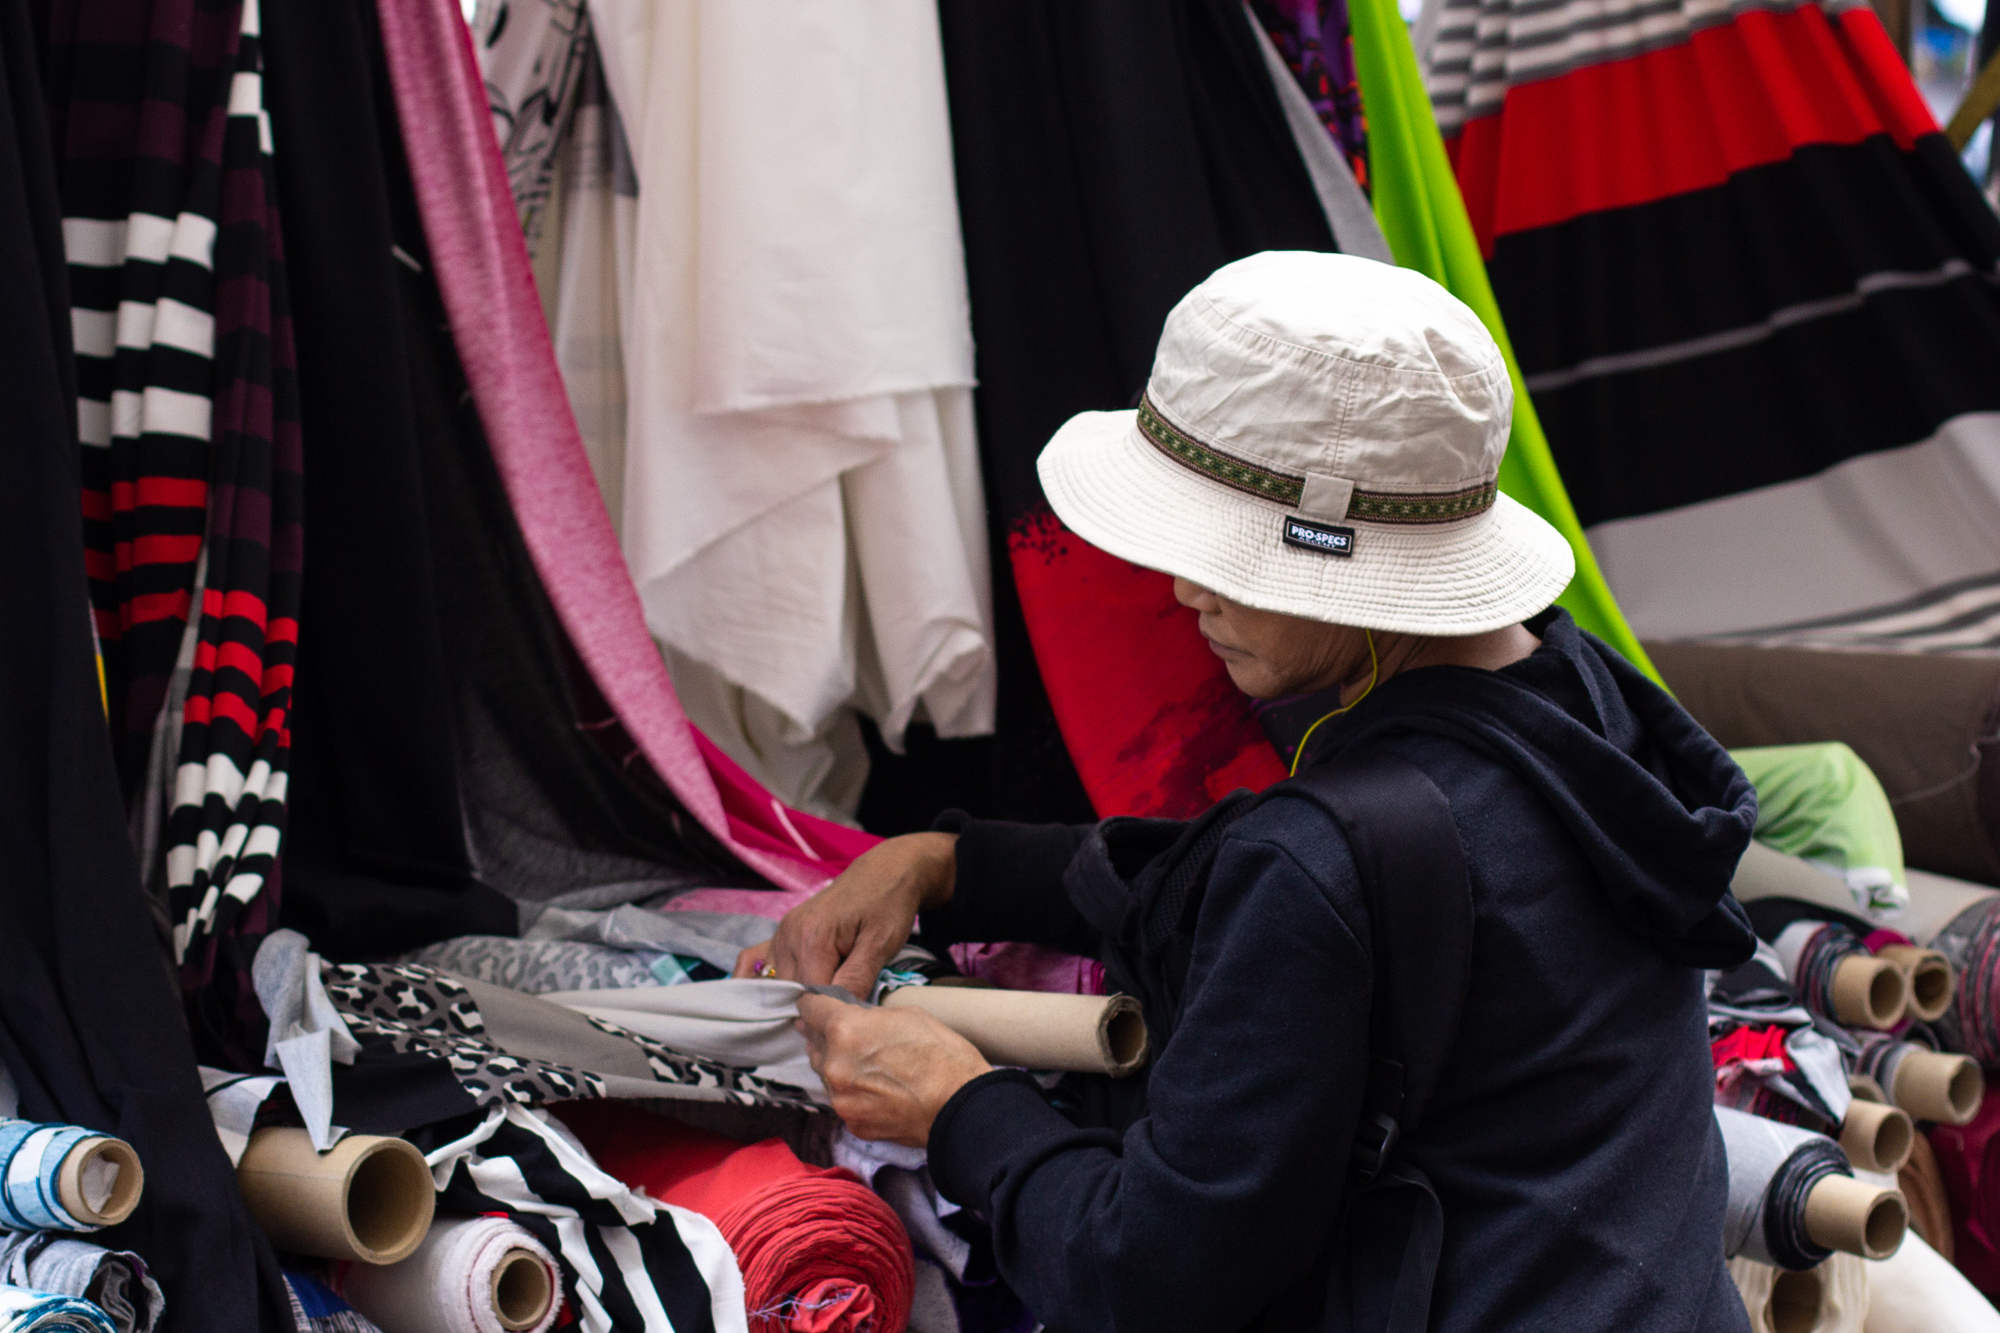 Eine Frau begutachtet die Stoffe an einem Stoffstand auf dem sehr bunten türkischen Markt am Maybachufer in Berlin Neukölln